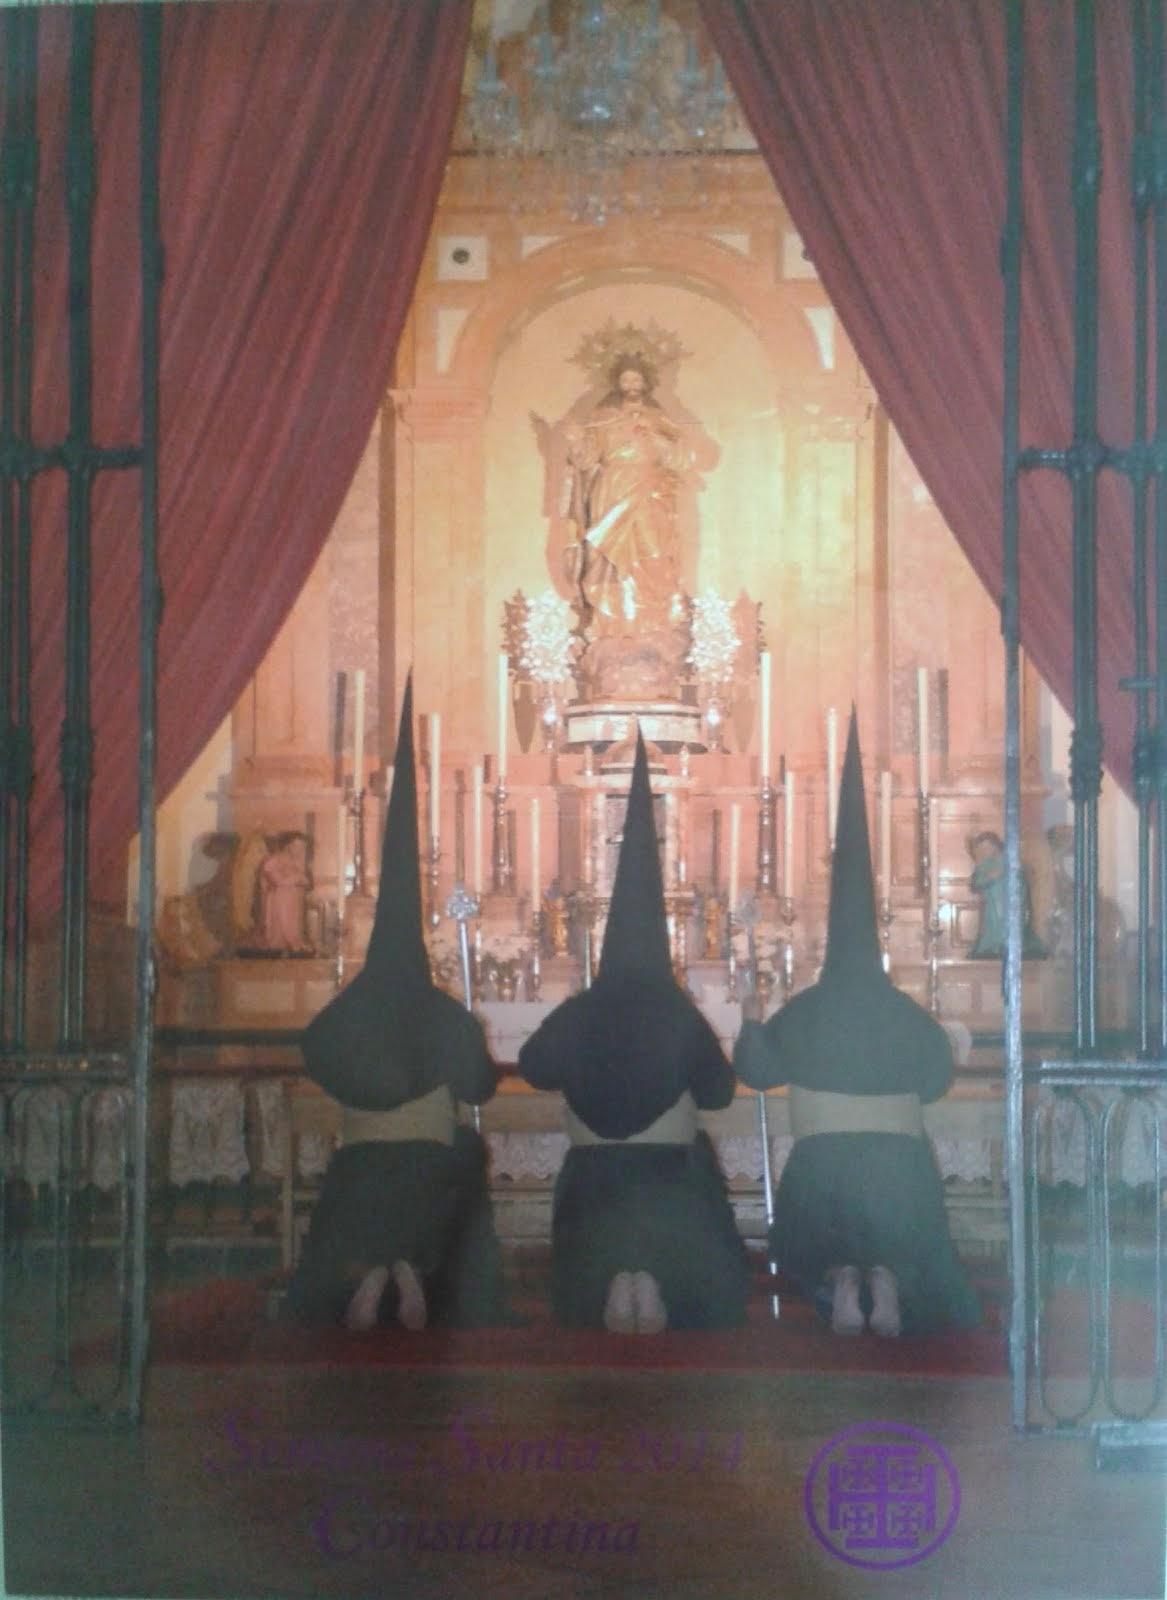 Cartel de la Semana Santa Constantina 2014